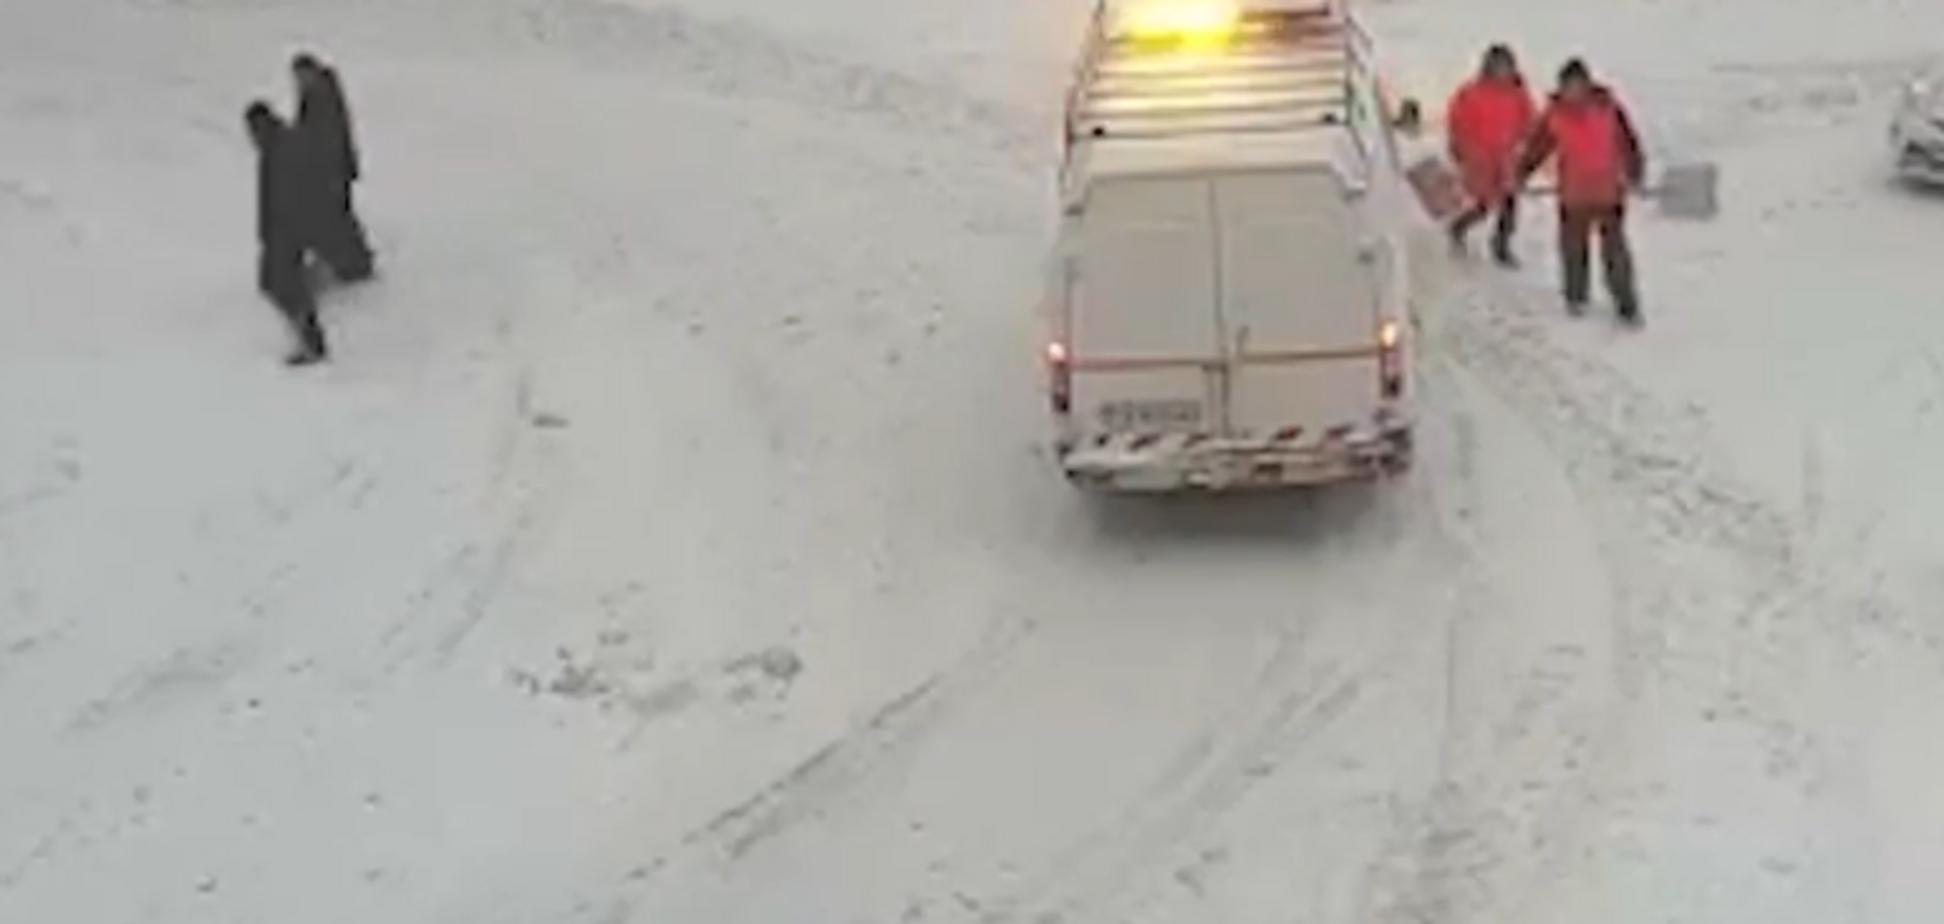 Поліція показала відео, як Семенченко виносив зброю з наметів. Нардеп відповів